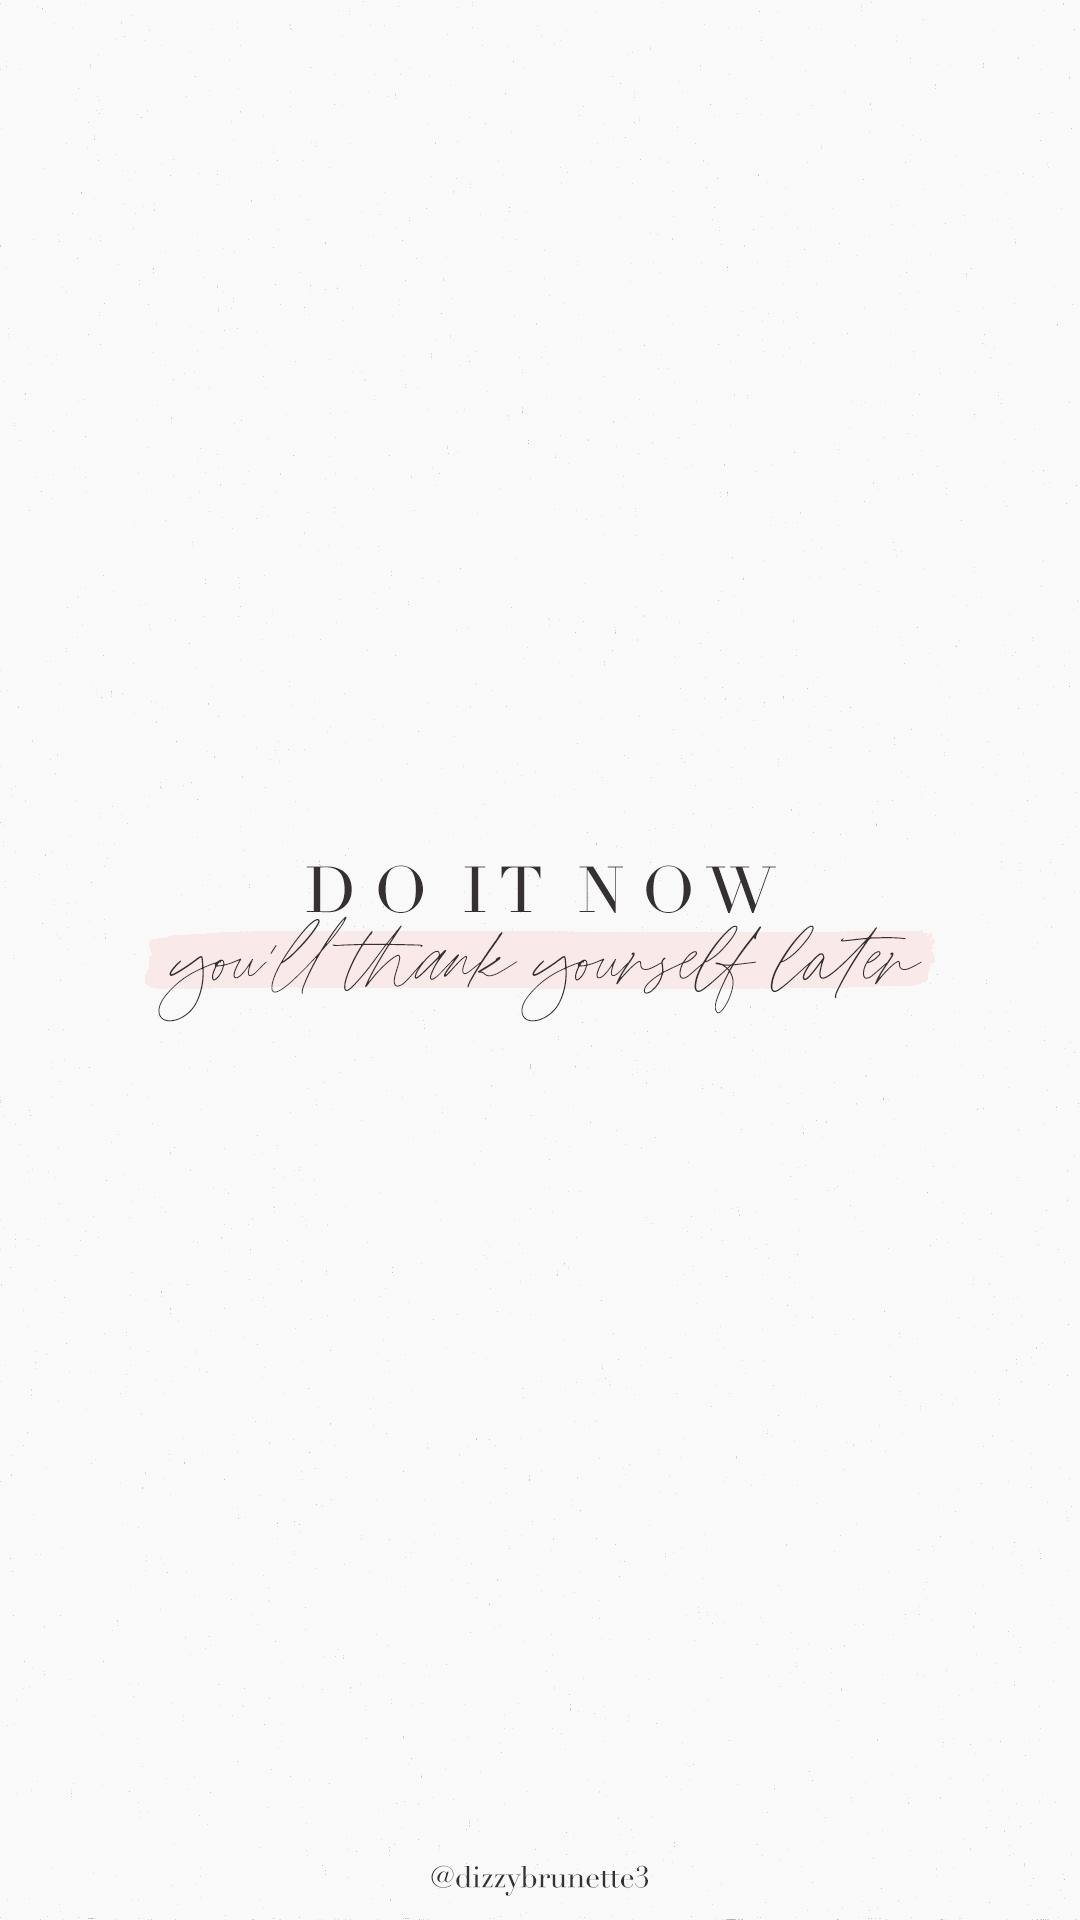 #inspirationalphonewallpaper - #inspirationalphonewallpaper - #FemaleFitness #FitQuotes